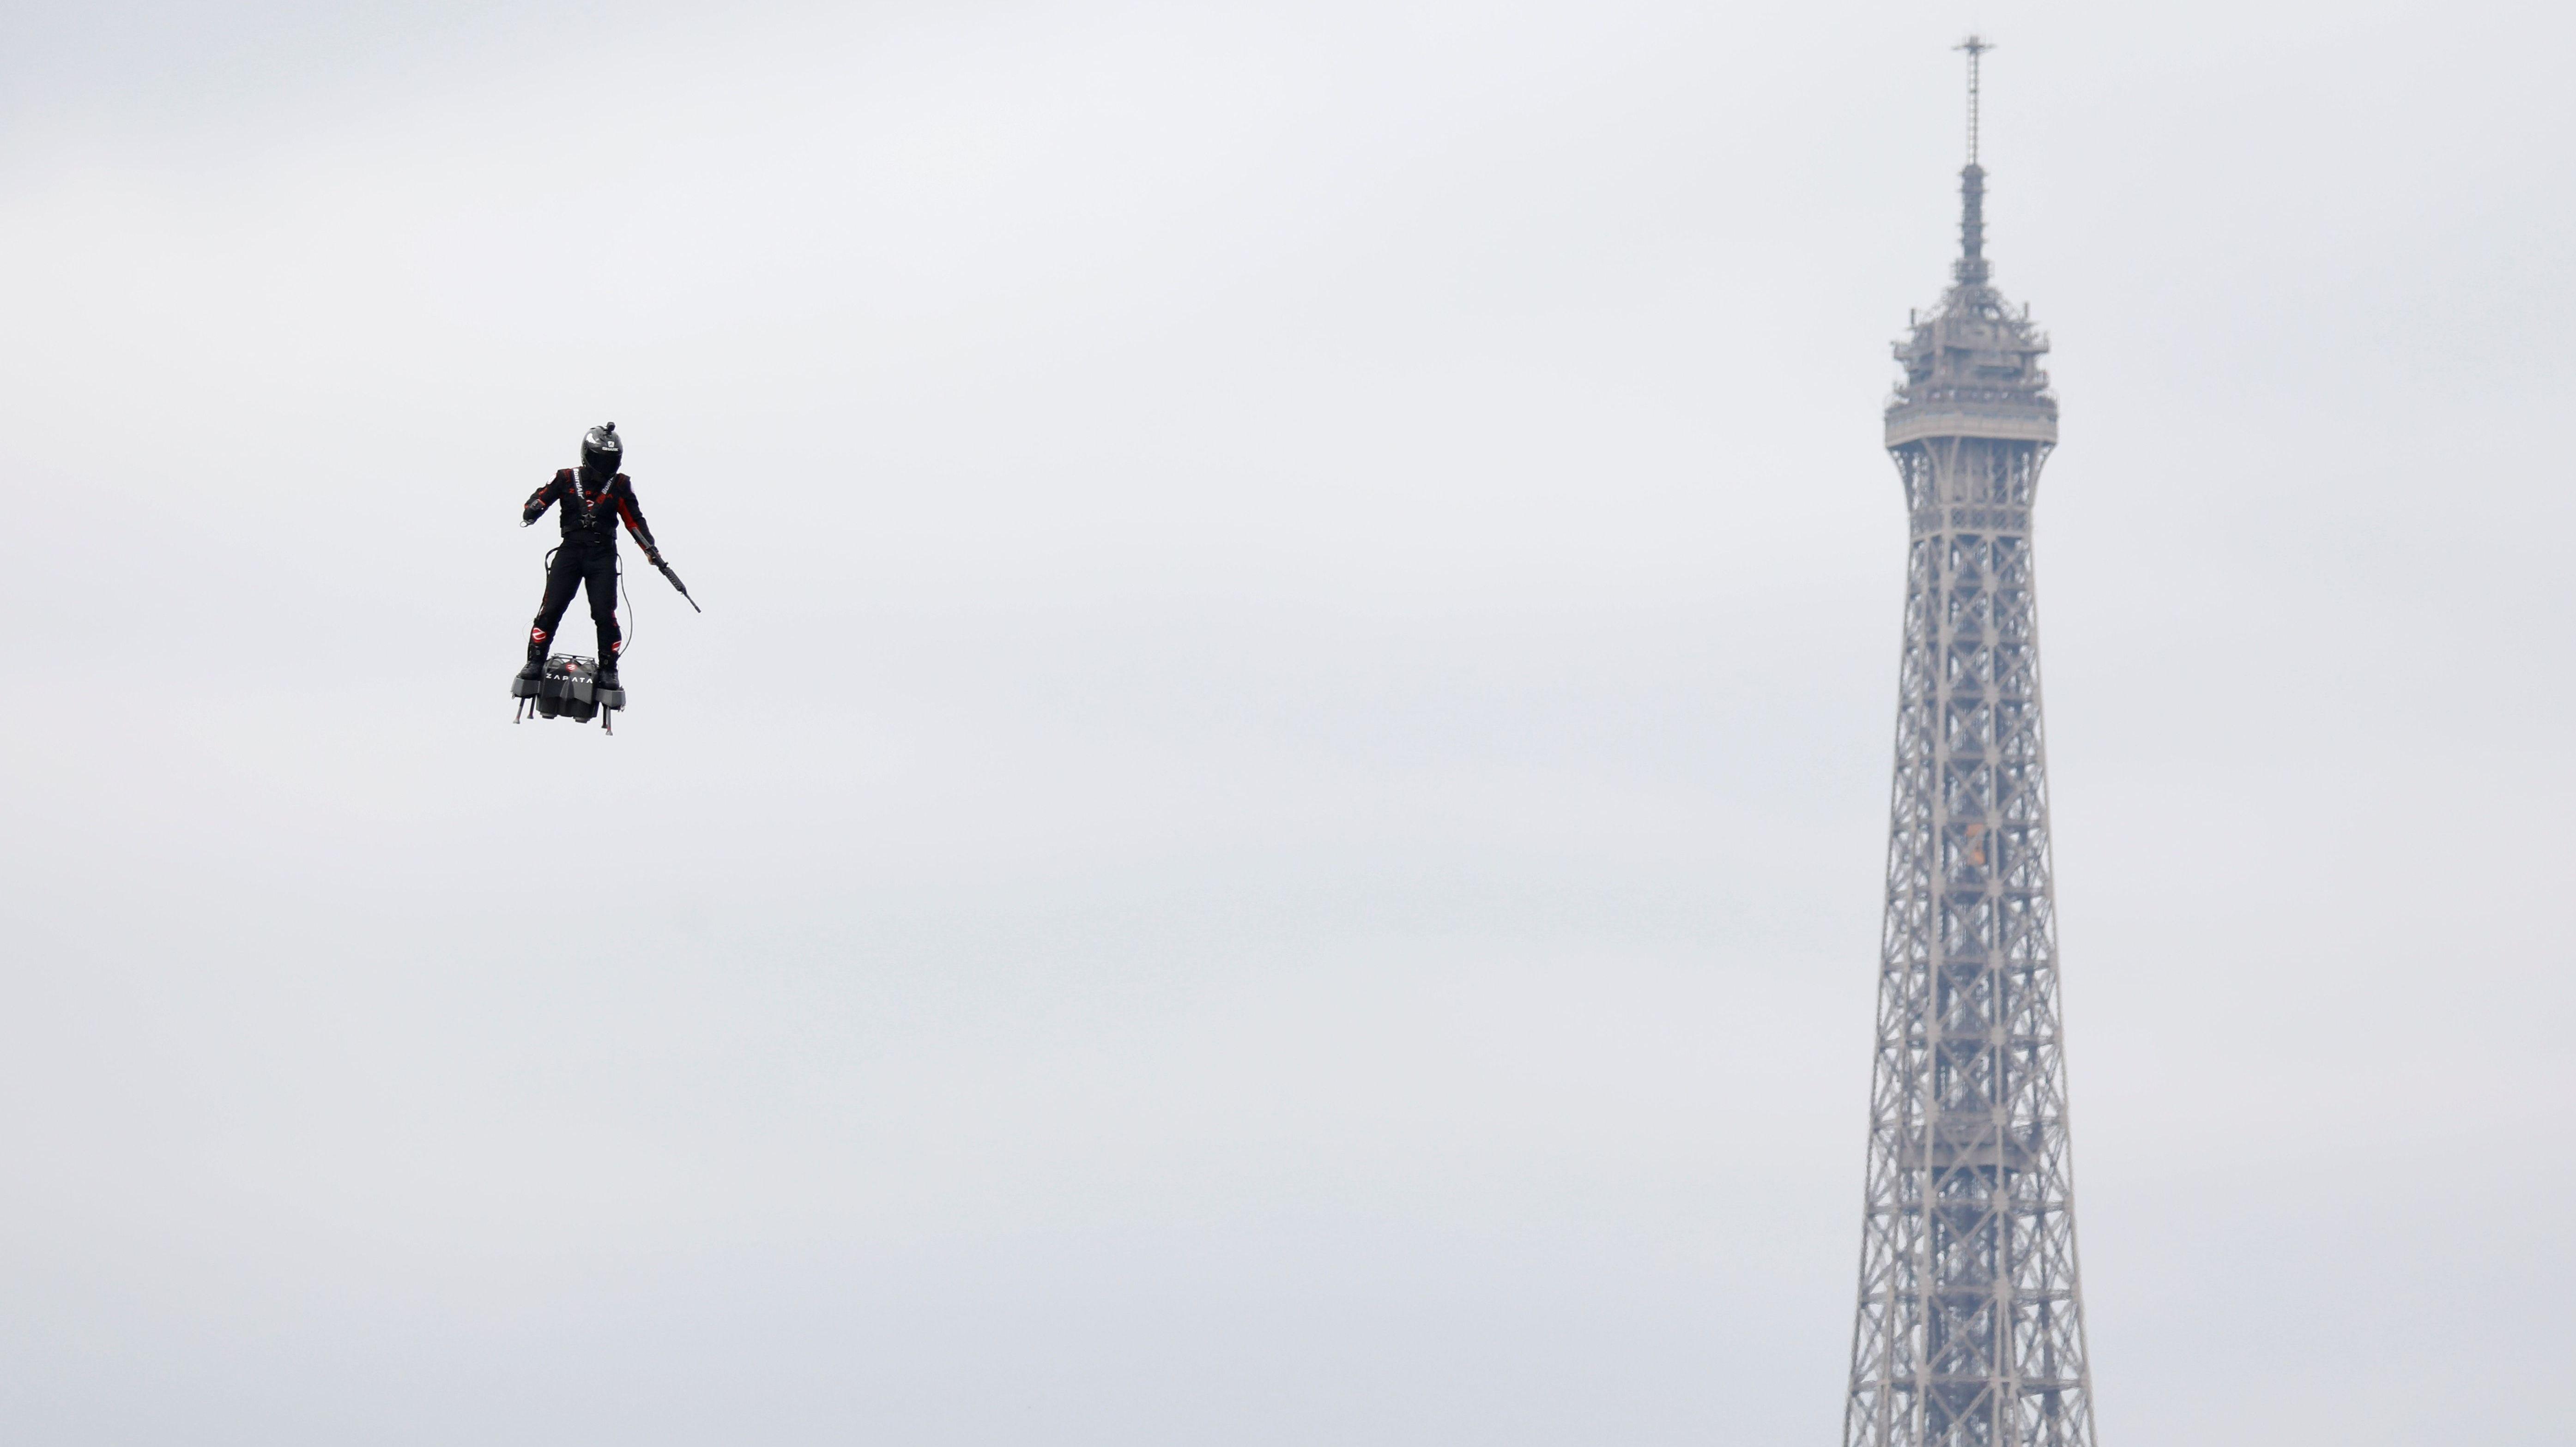 Mann fliegt um Eiffelturm